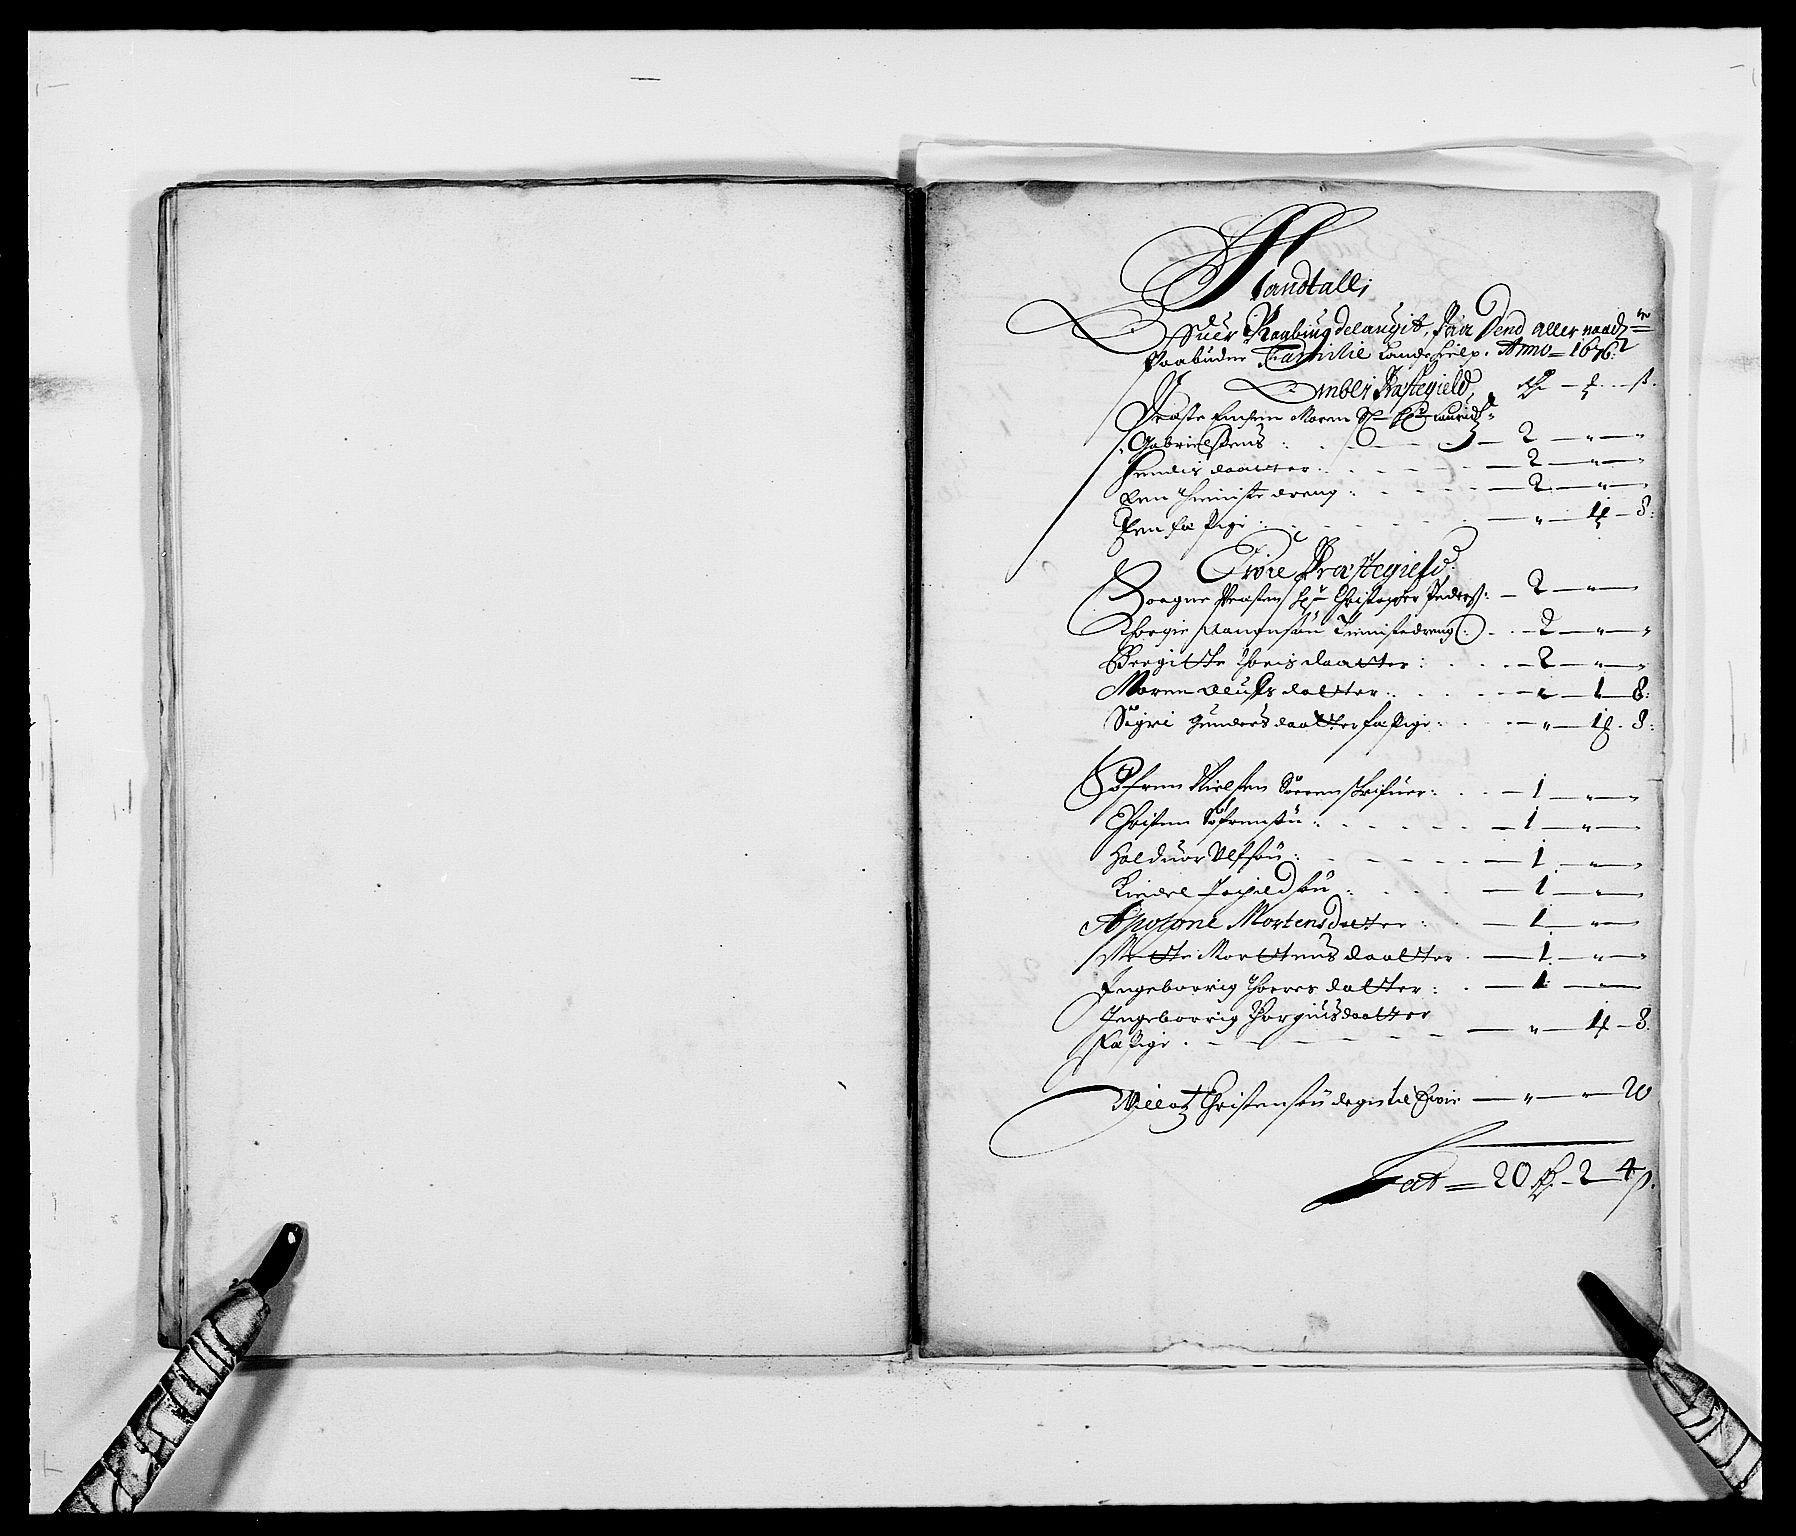 RA, Rentekammeret inntil 1814, Reviderte regnskaper, Fogderegnskap, R40/L2434: Fogderegnskap Råbyggelag, 1675-1676, s. 390